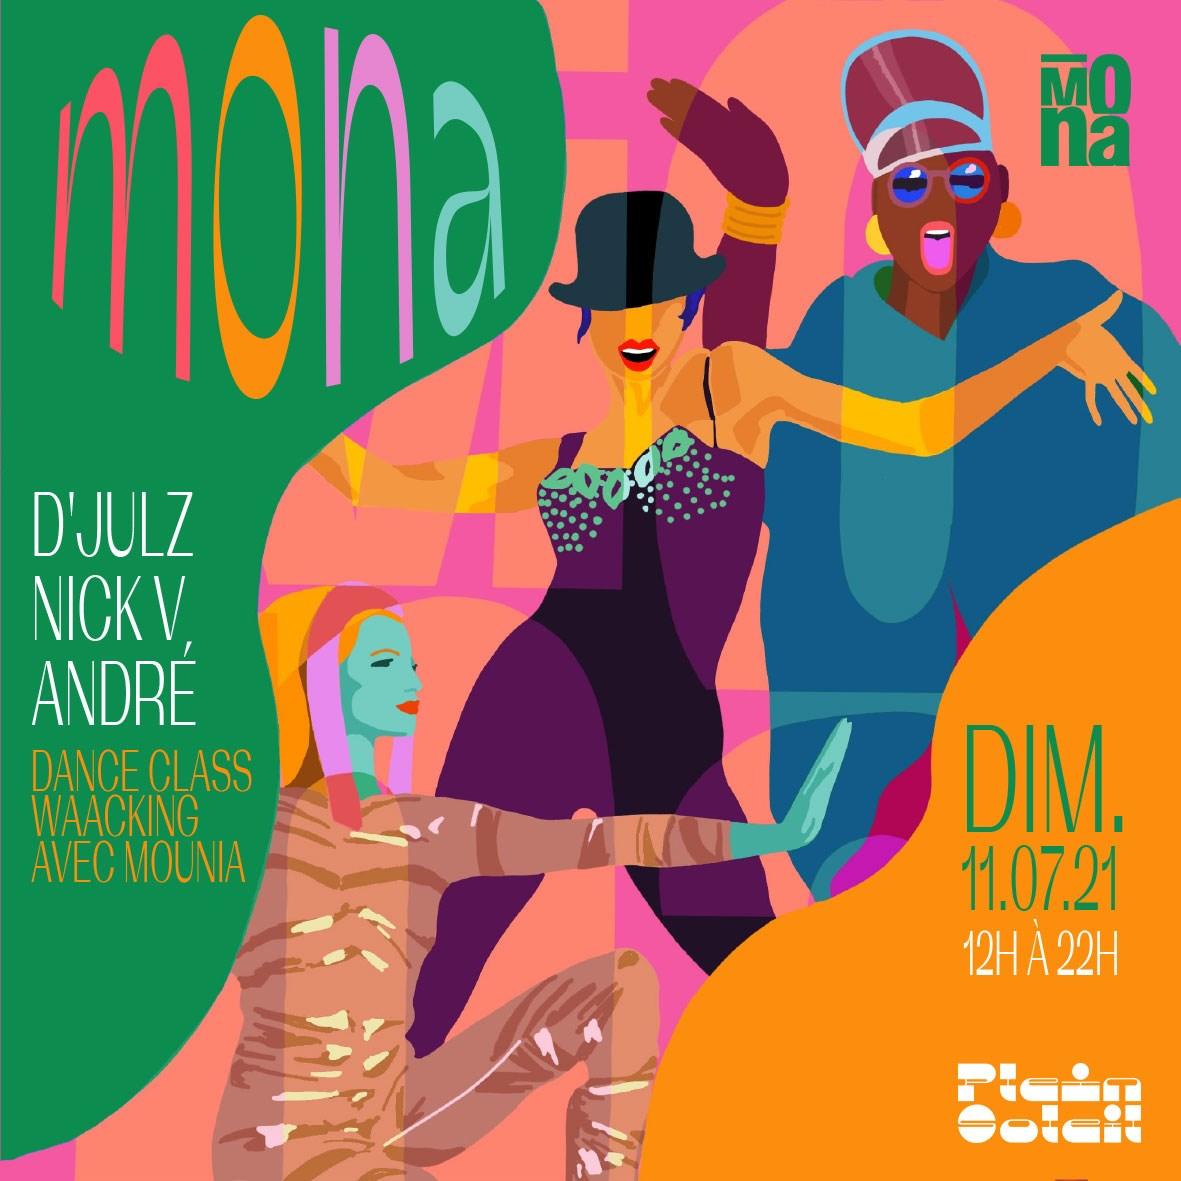 ℙ𝕝𝕖𝕚𝕟 𝕊𝕠𝕝𝕖𝕚𝕝 • La Mona Avec D'Julz, Nick V, André et Waacking Dance Class par Mounia - Flyer front